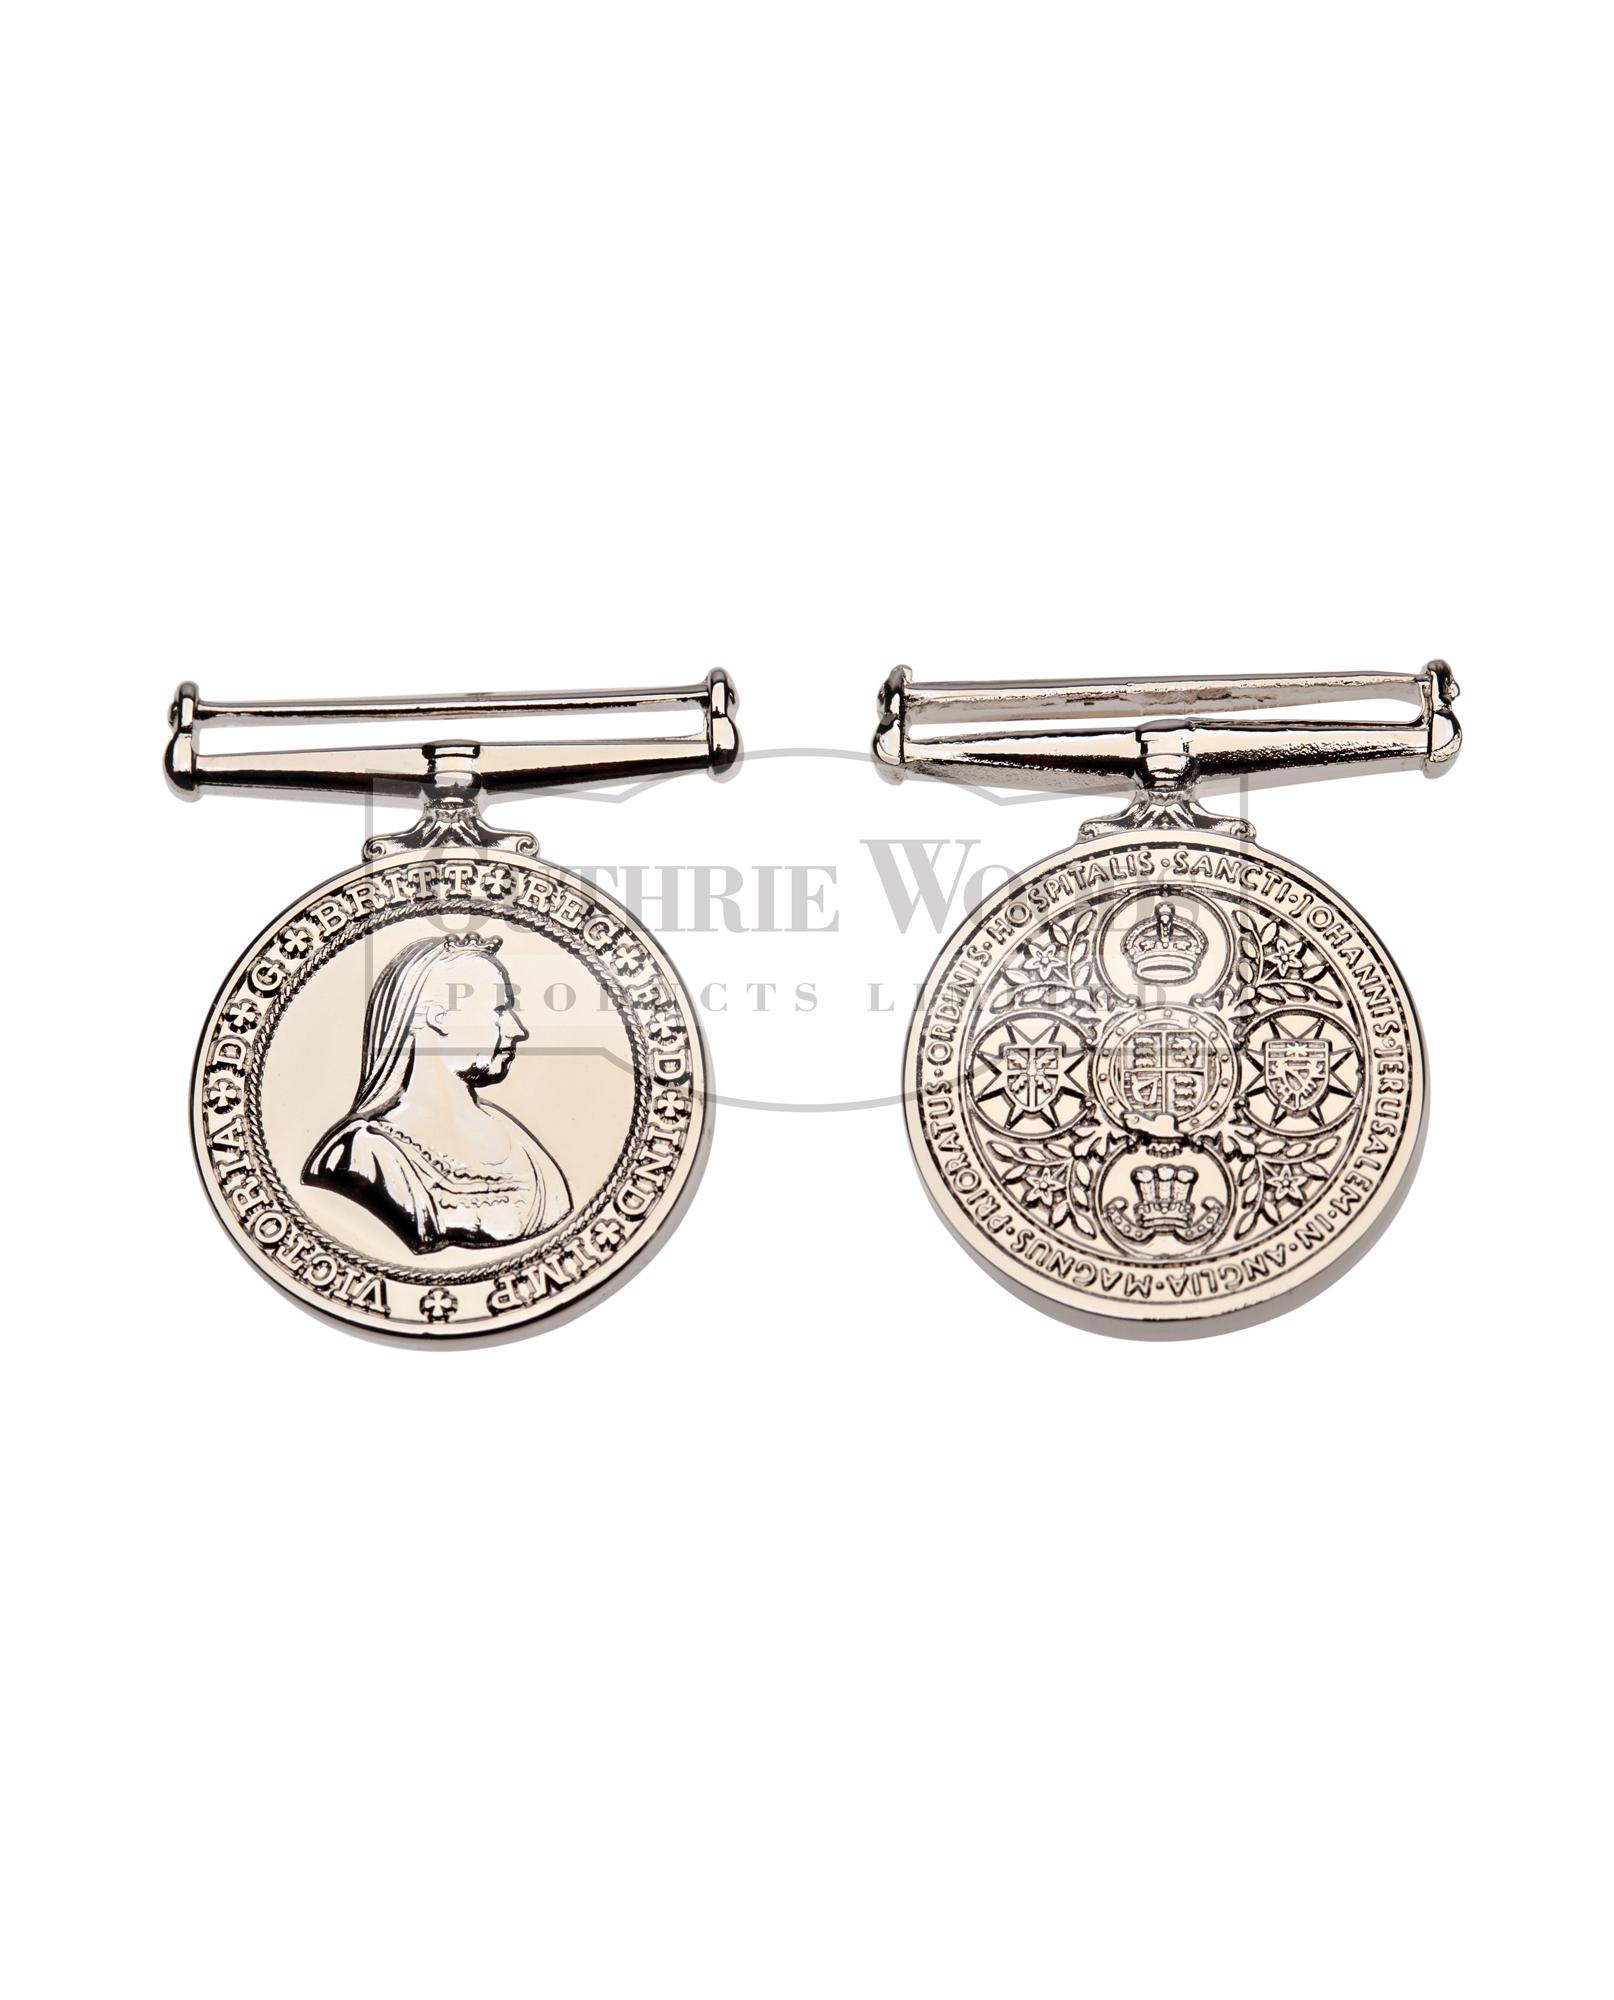 Order of St. John Long Service - Medal